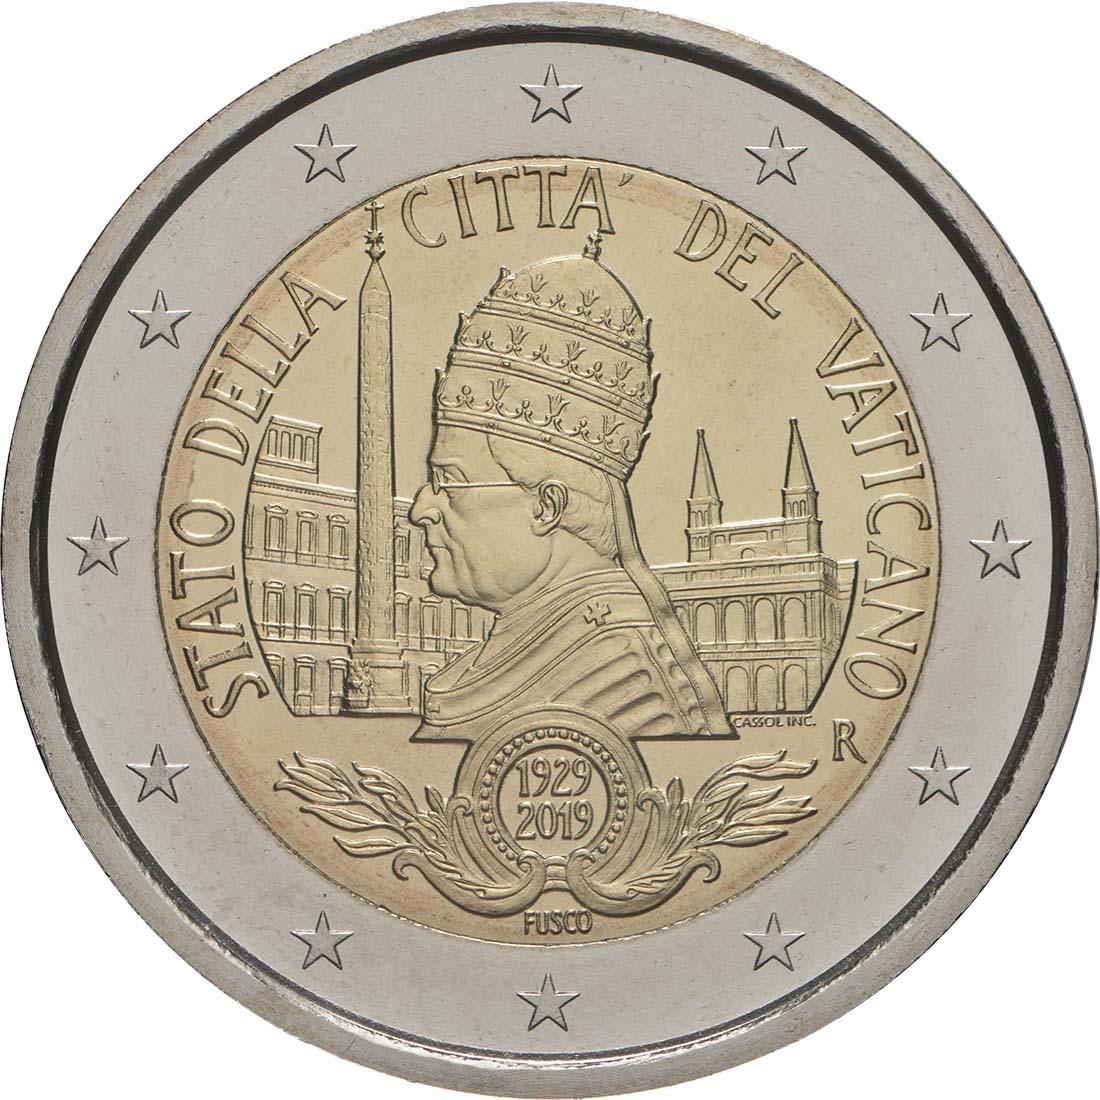 2019 341 Vatikan 90 J. Vatikanstadt.jpg